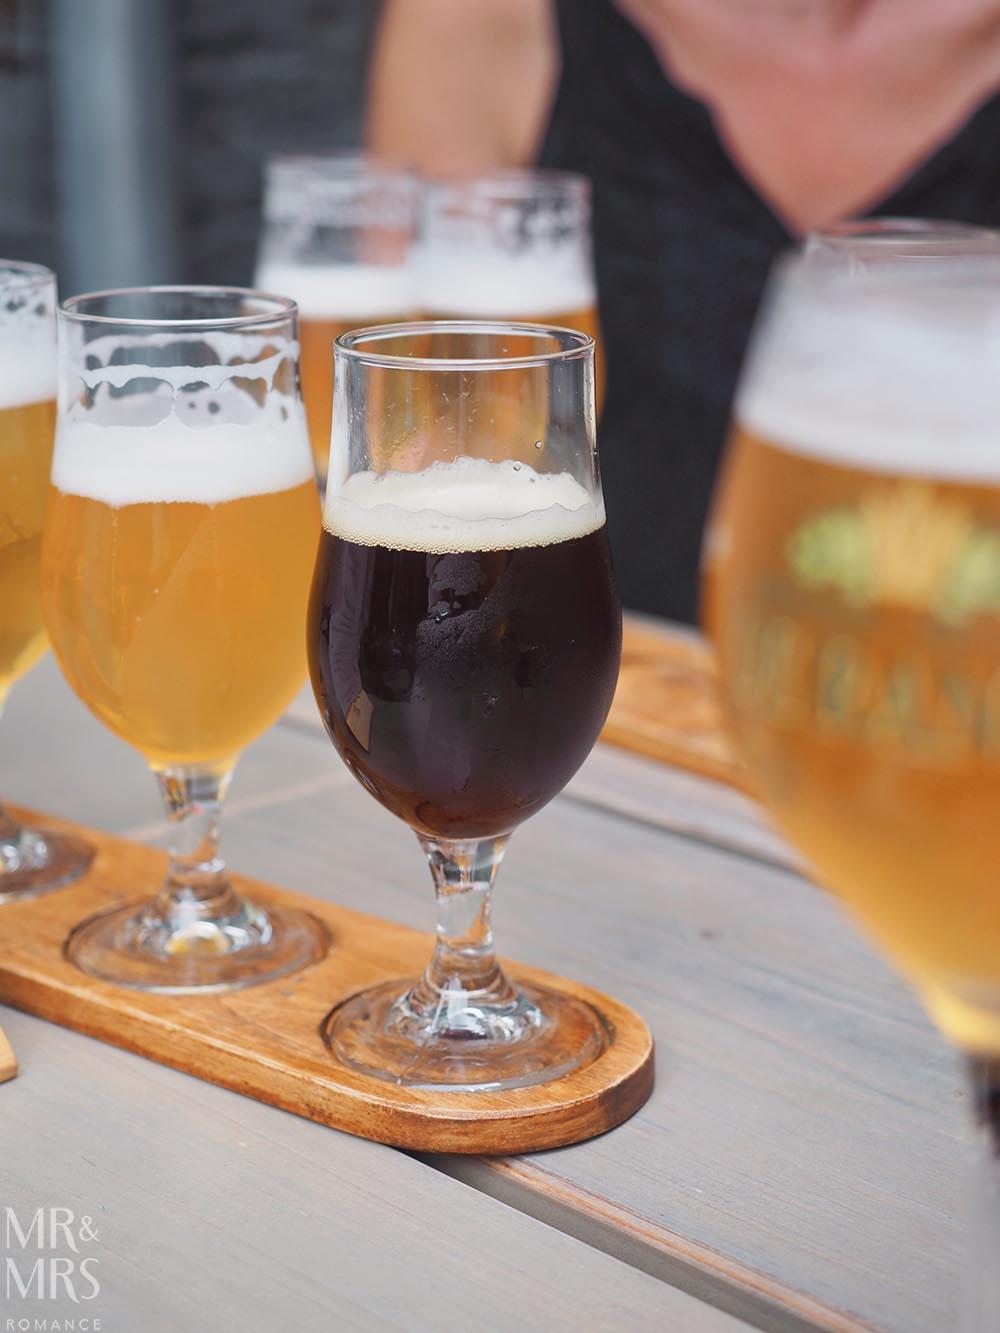 Where to drink in Bruges - Belgian beers - tasting paddle